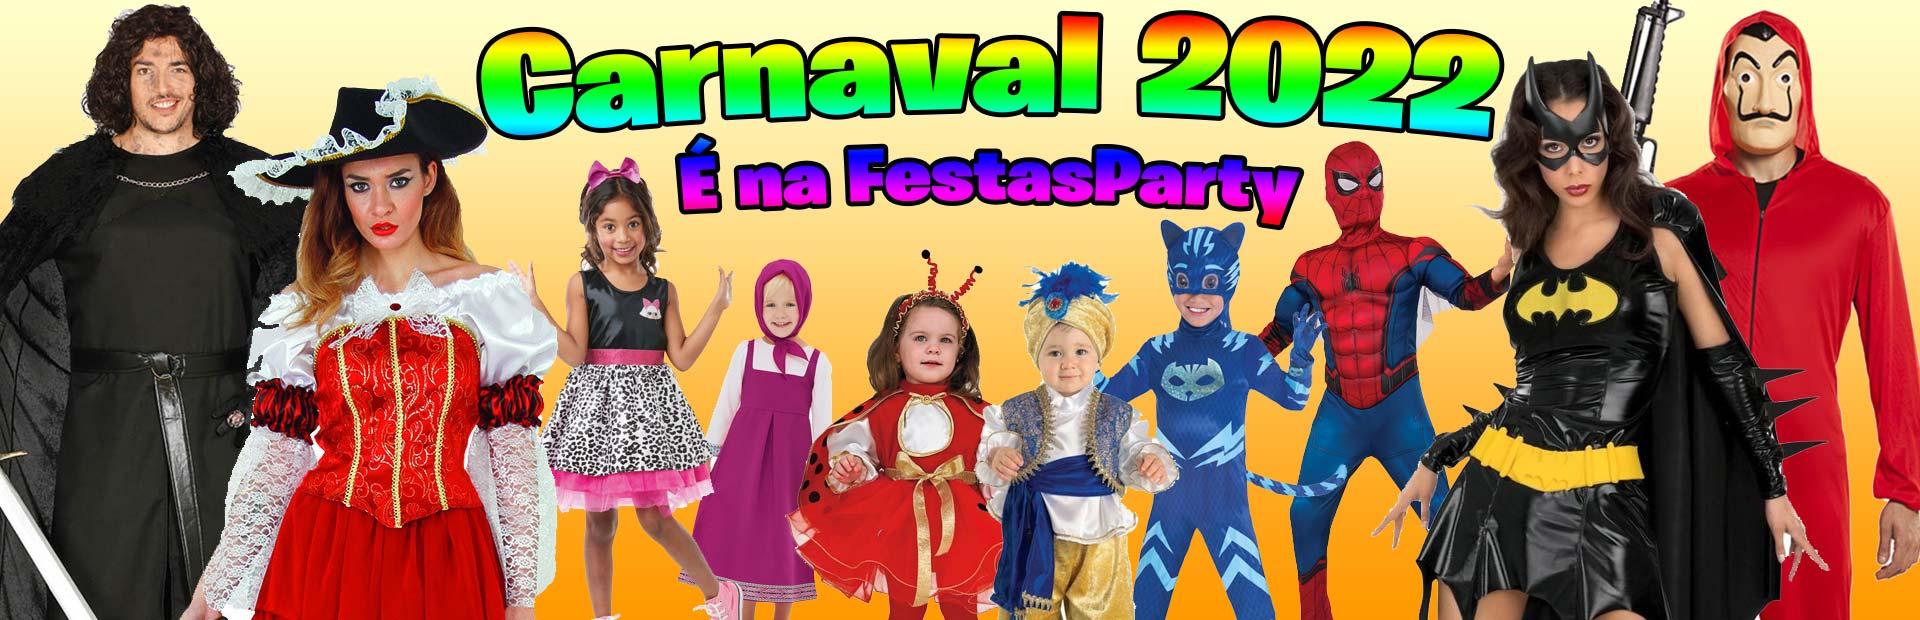 Fatos e Artigos de Carnaval para Bebés, Crianças e Adultos